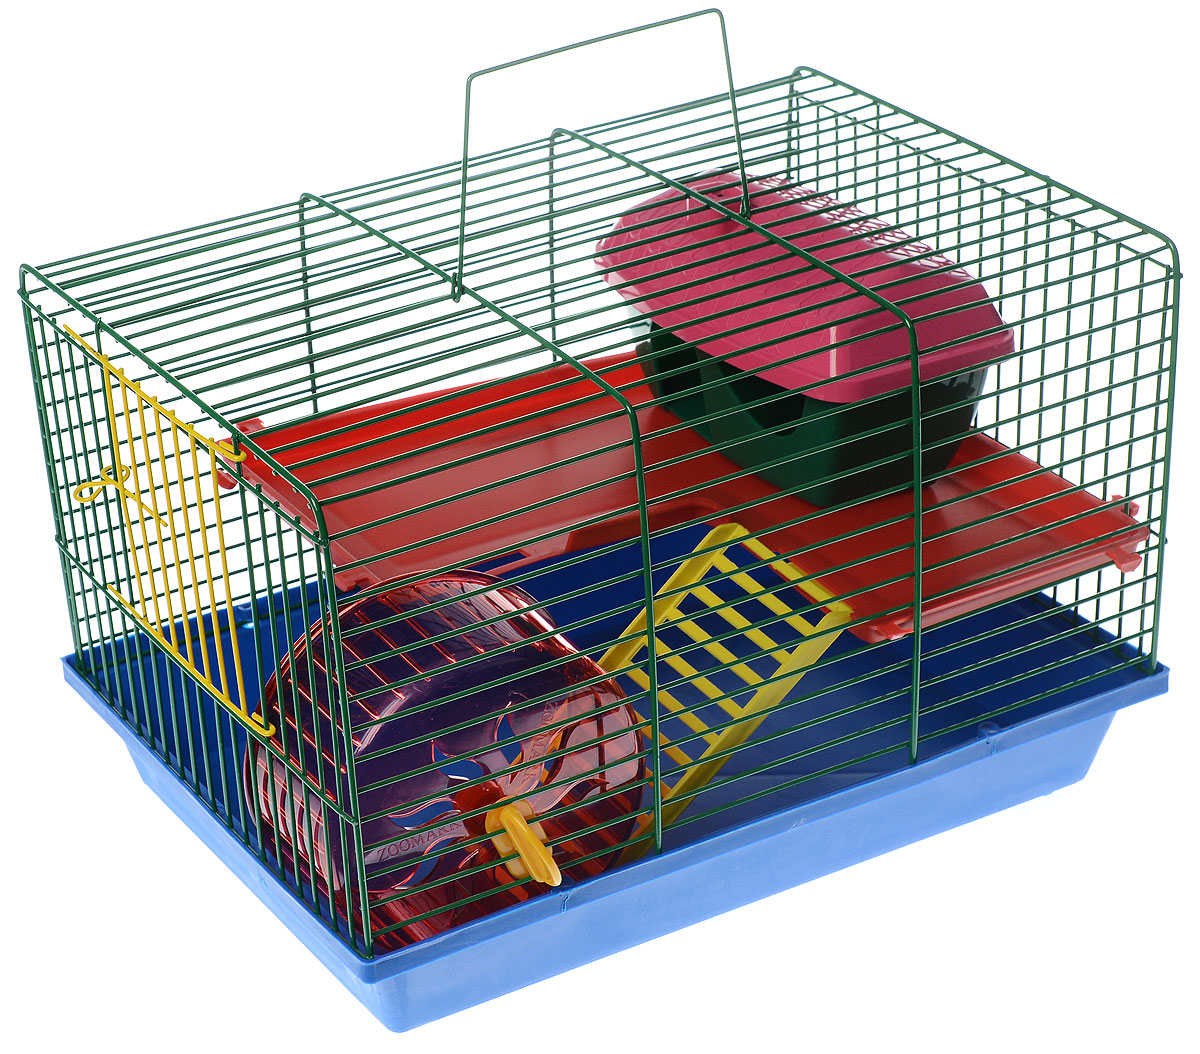 Клетка для грызунов  ЗооМарк , 2-этажная, цвет: синий поддон, зеленая решетка, красный этаж, 36 х 23 х 24 см - Клетки, вольеры, будки